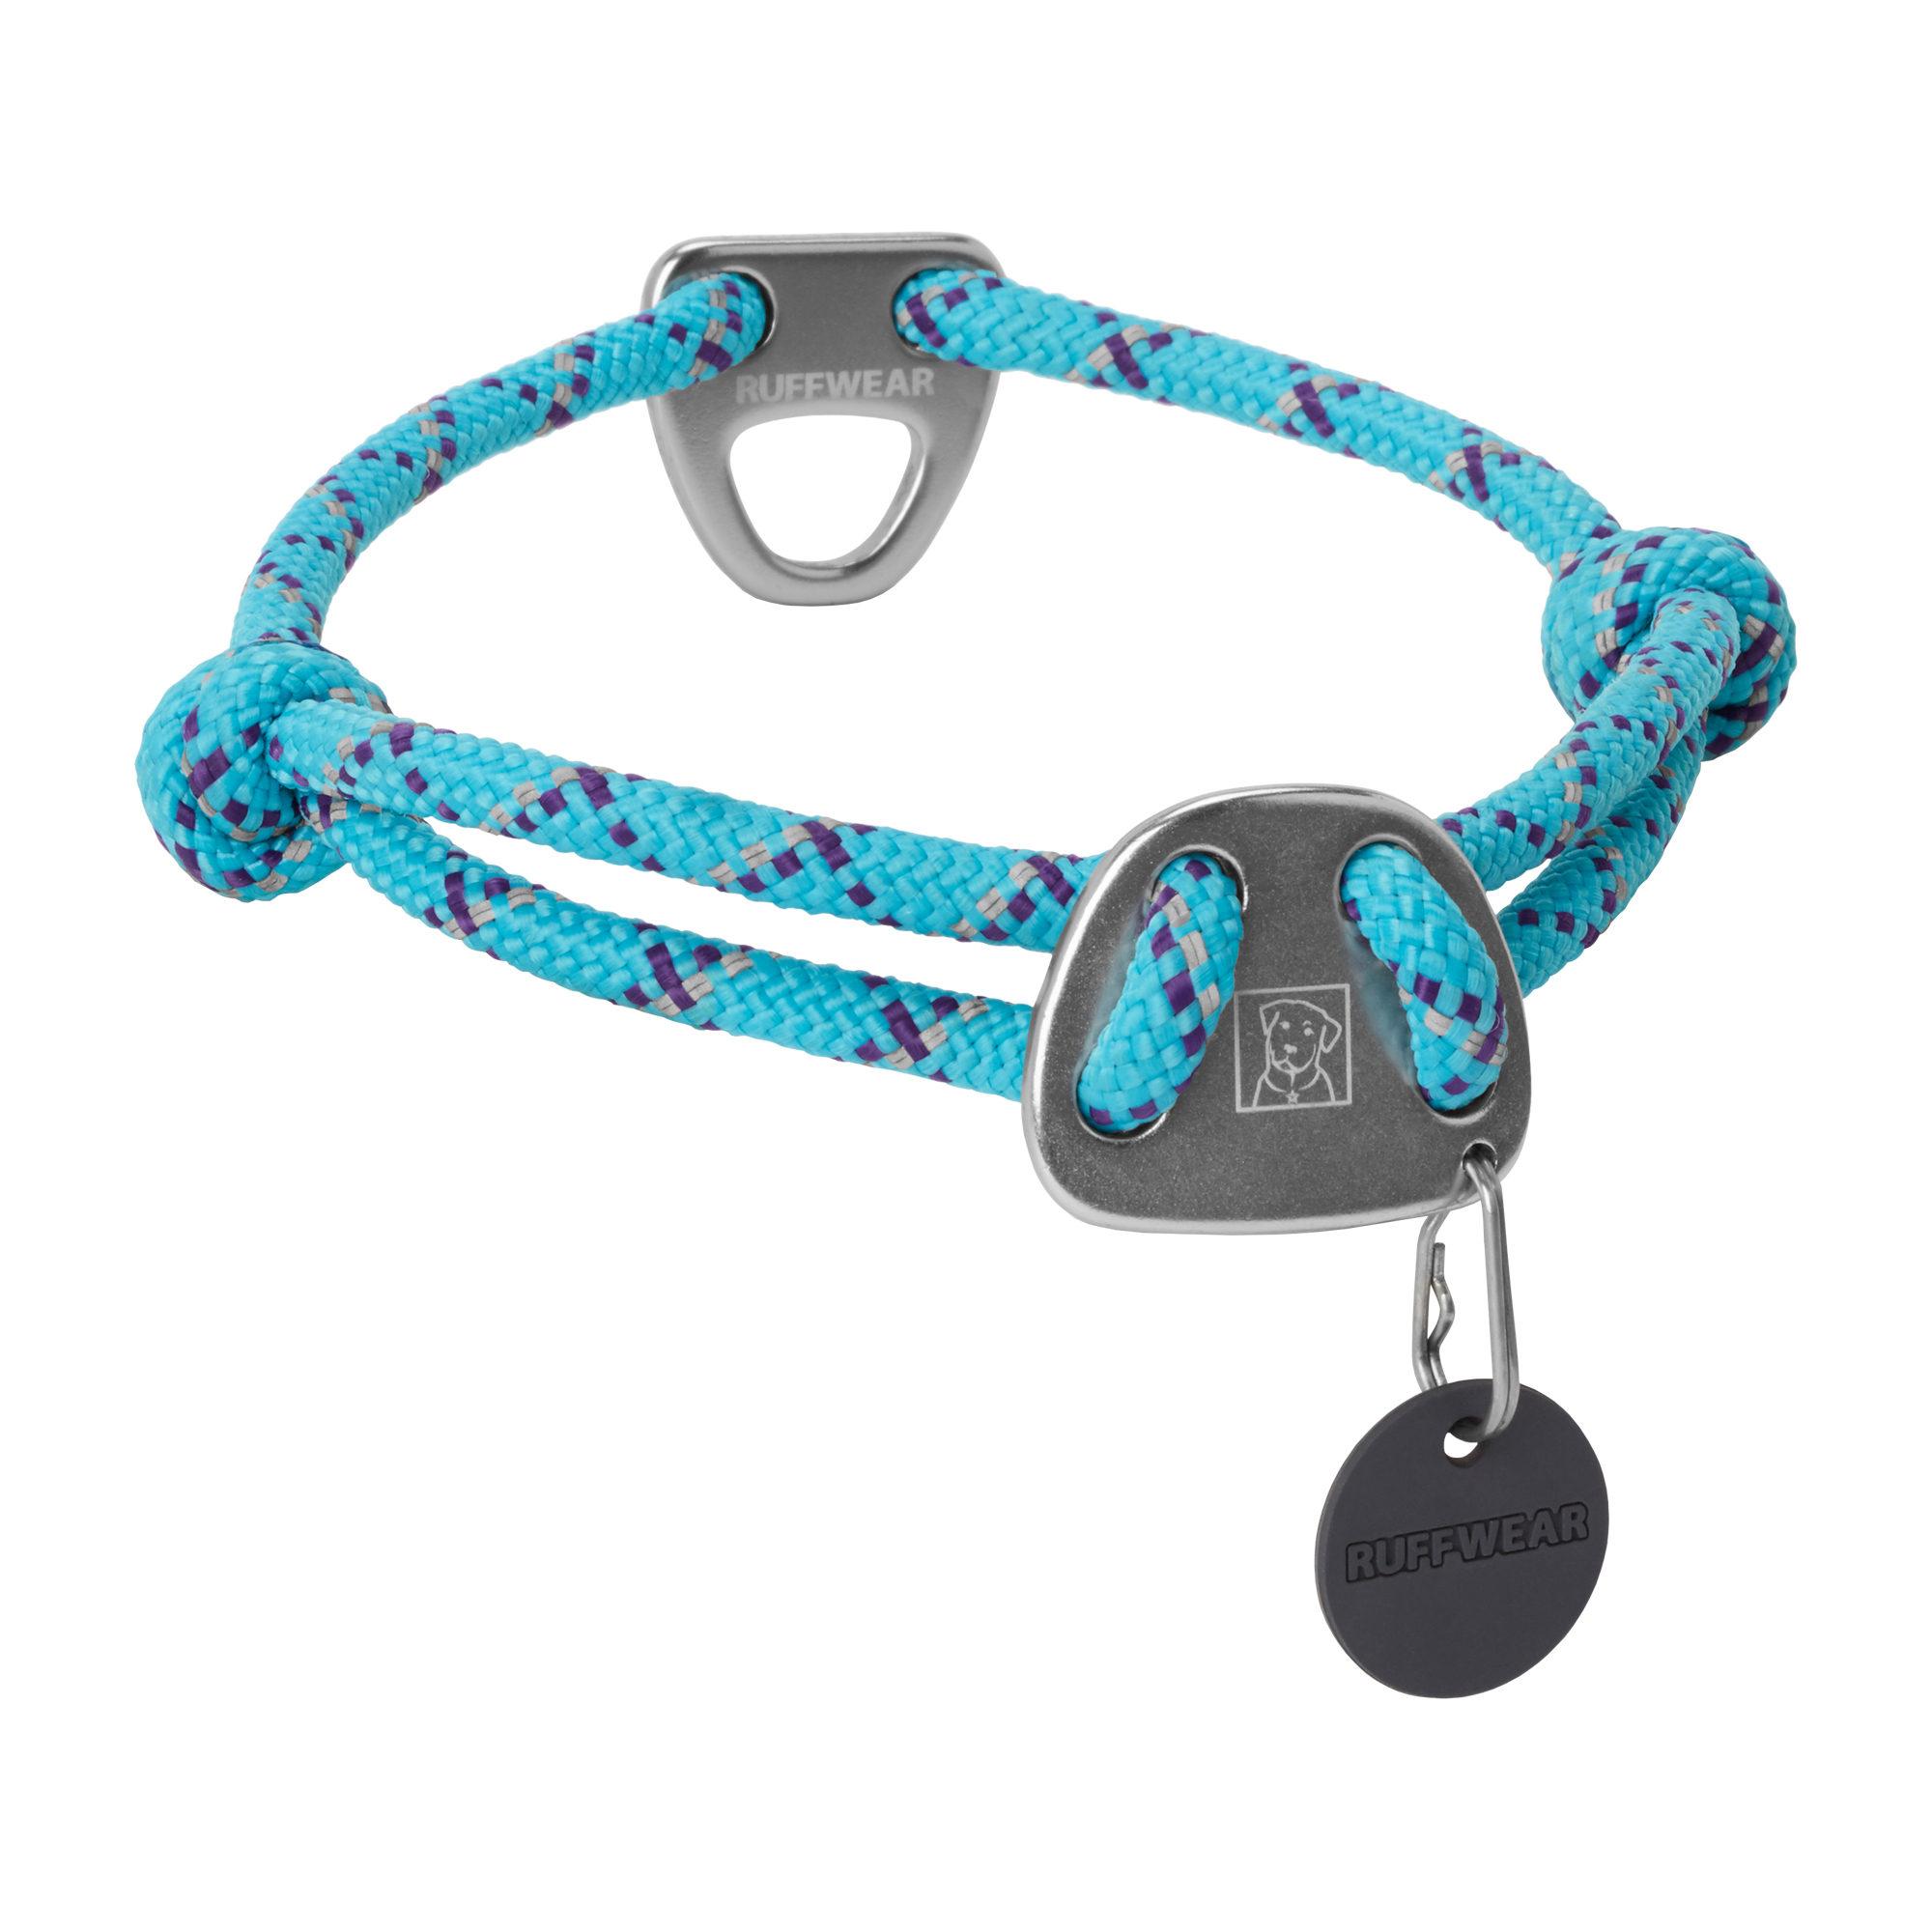 Ruffwear Knot-a-Collar - Blue Atoll